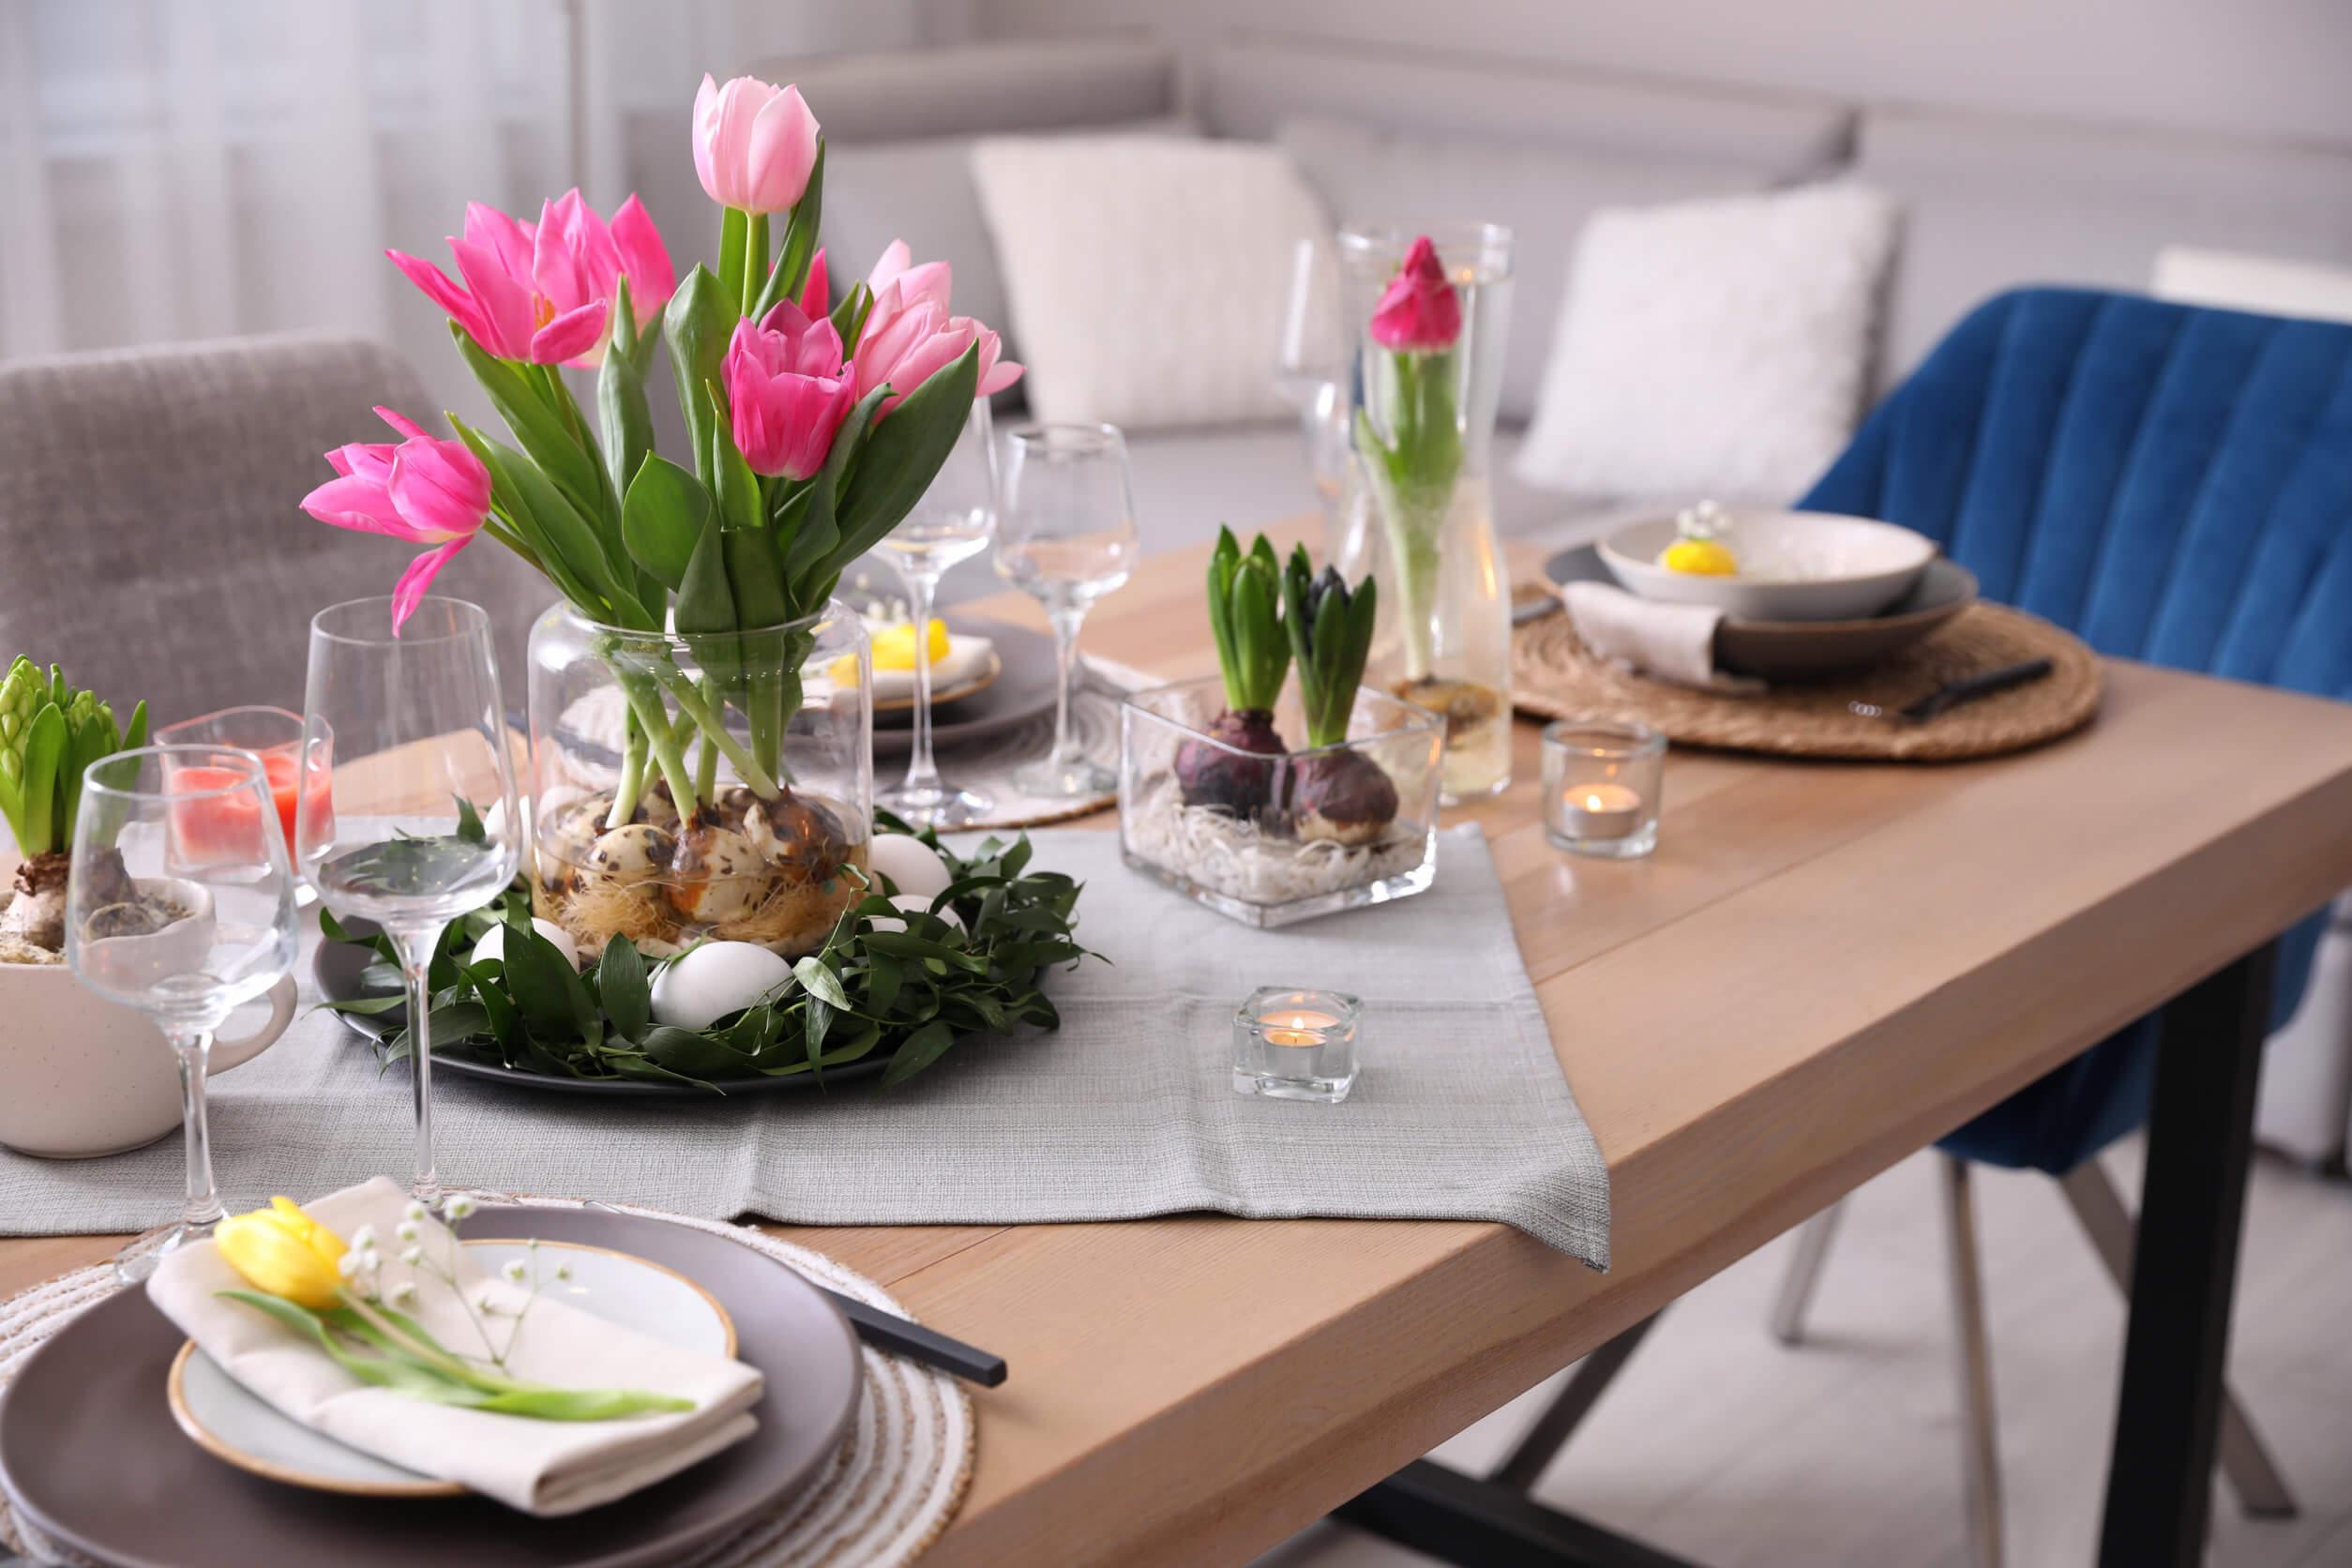 Cómo decorar tu mesa de verano